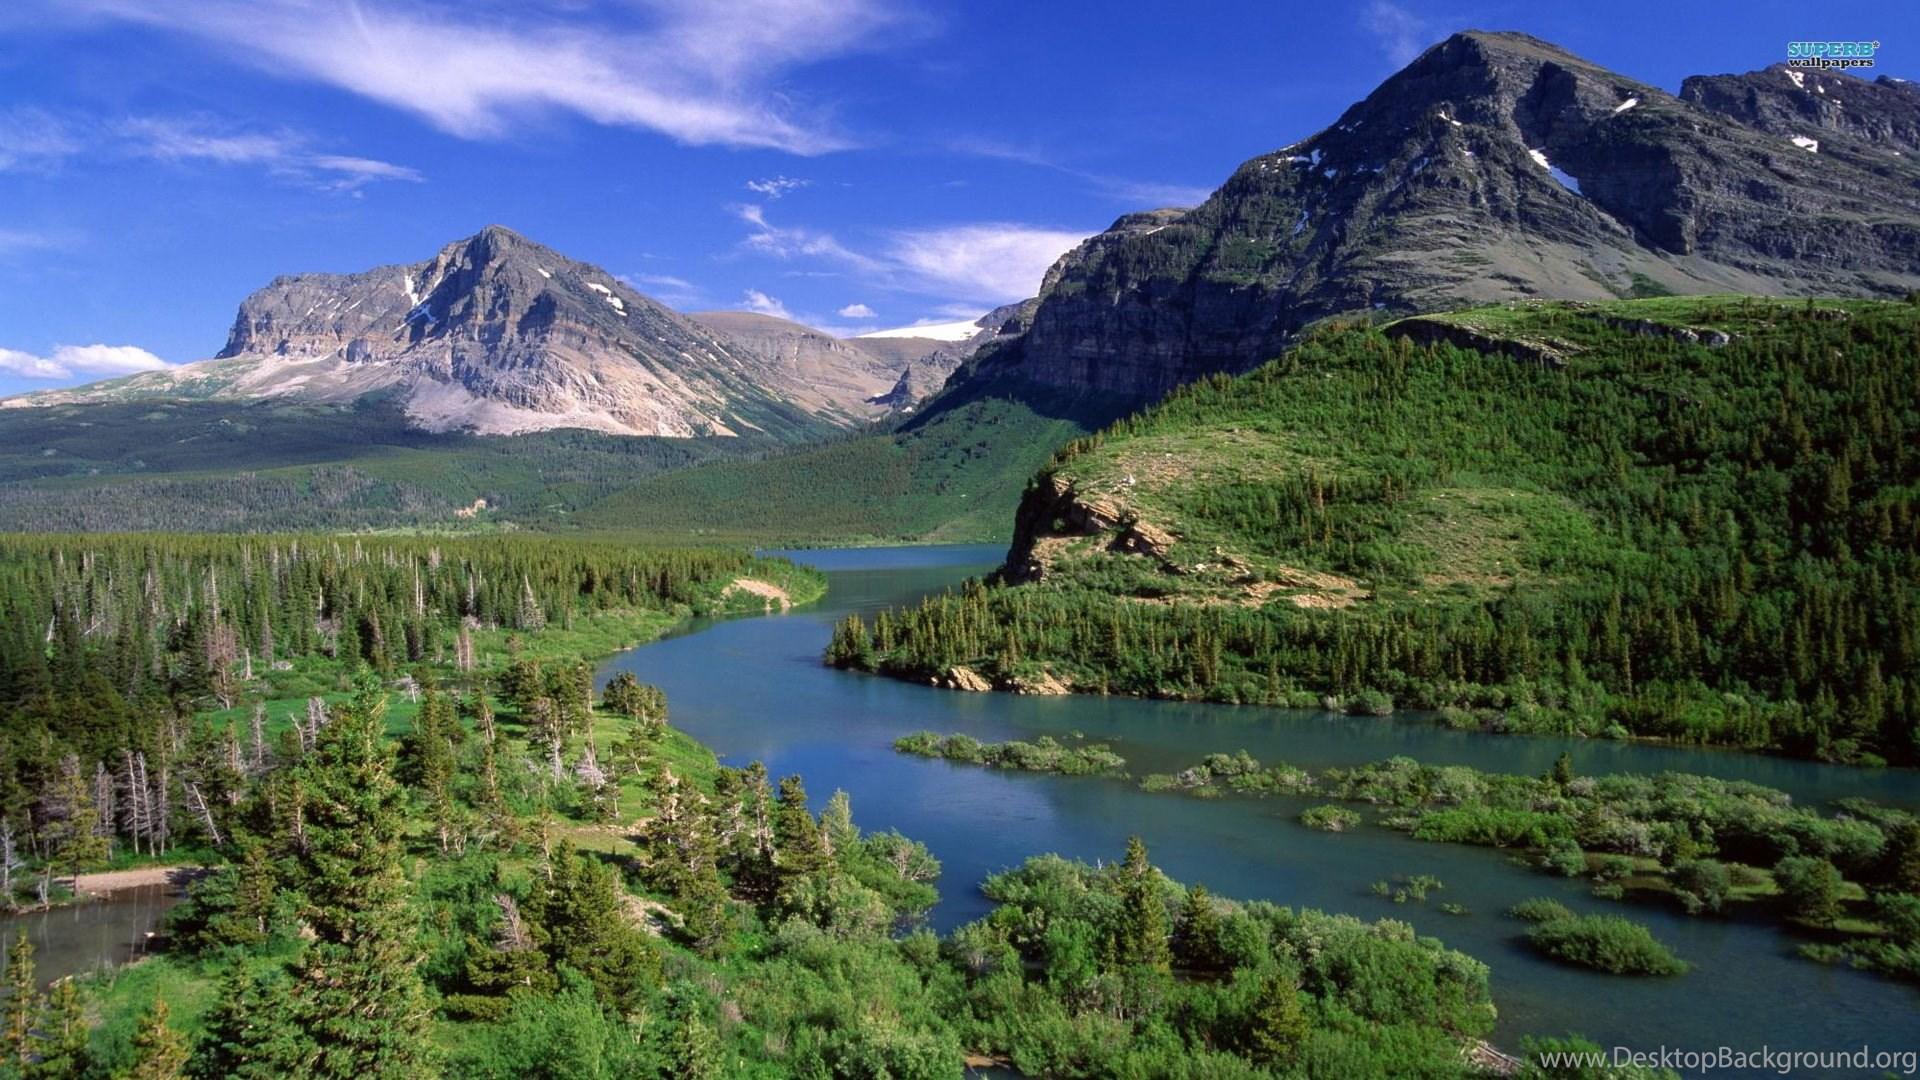 Hd Glacier National Park Wallpapers Desktop Background